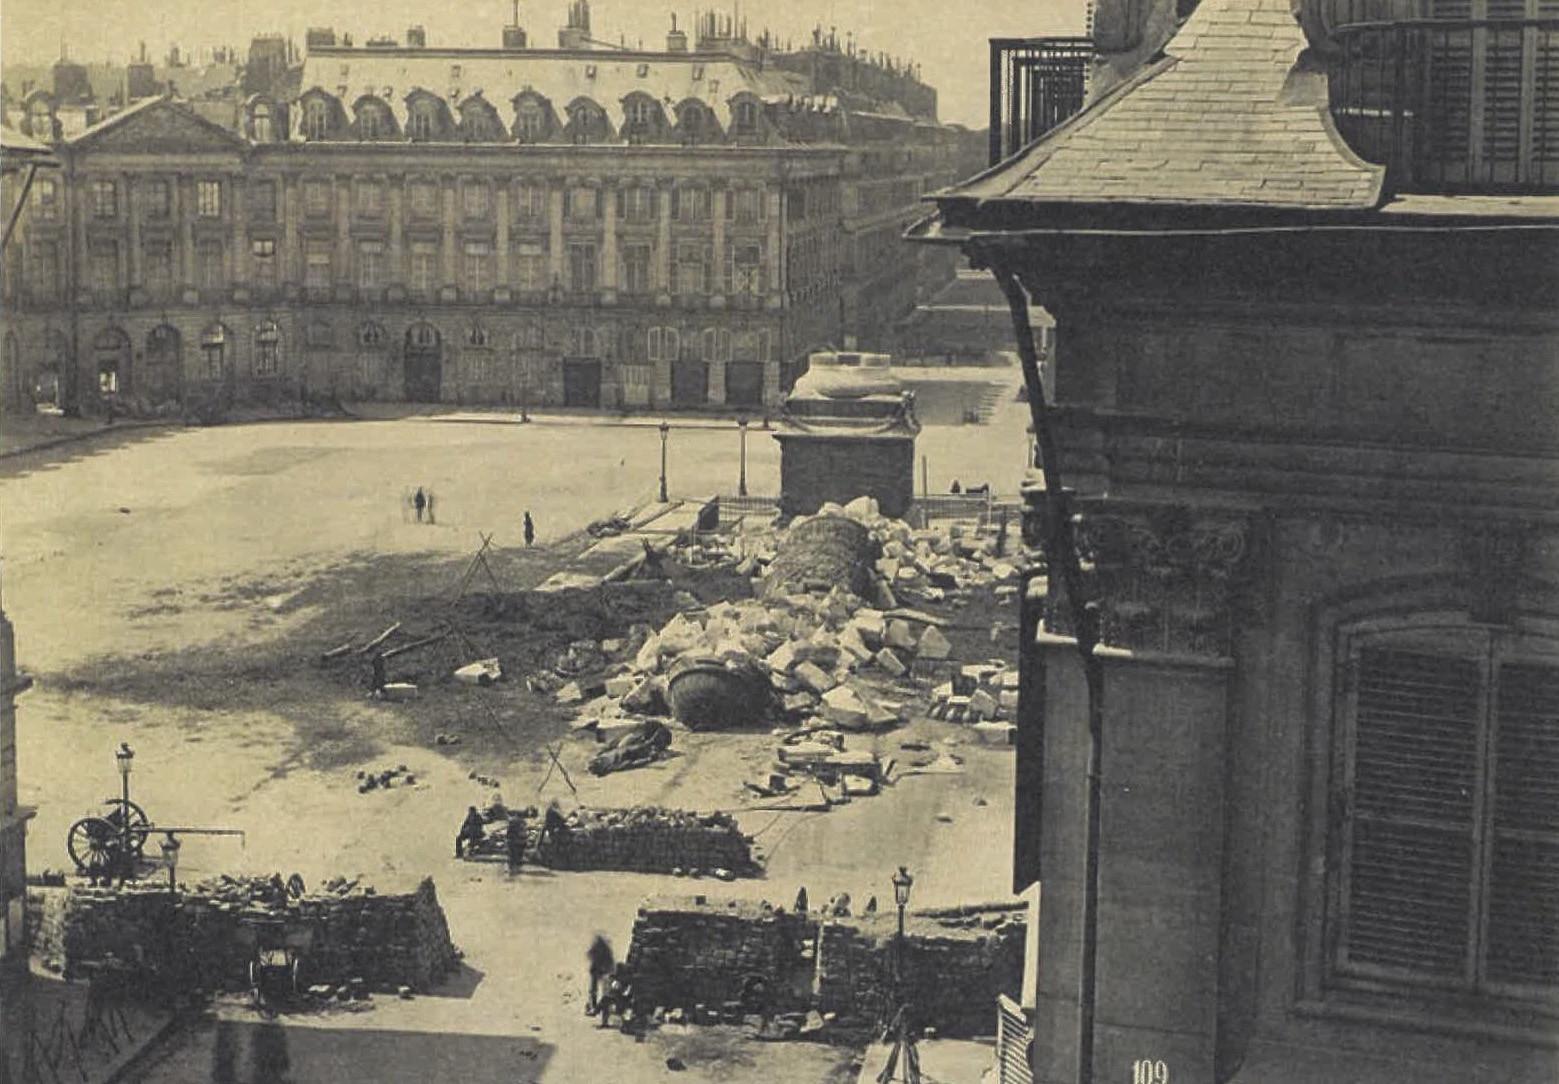 La Place Vendôme rêvée par un esprit révolutionnaire - Bicentenaire Commune de Paris - Courbet